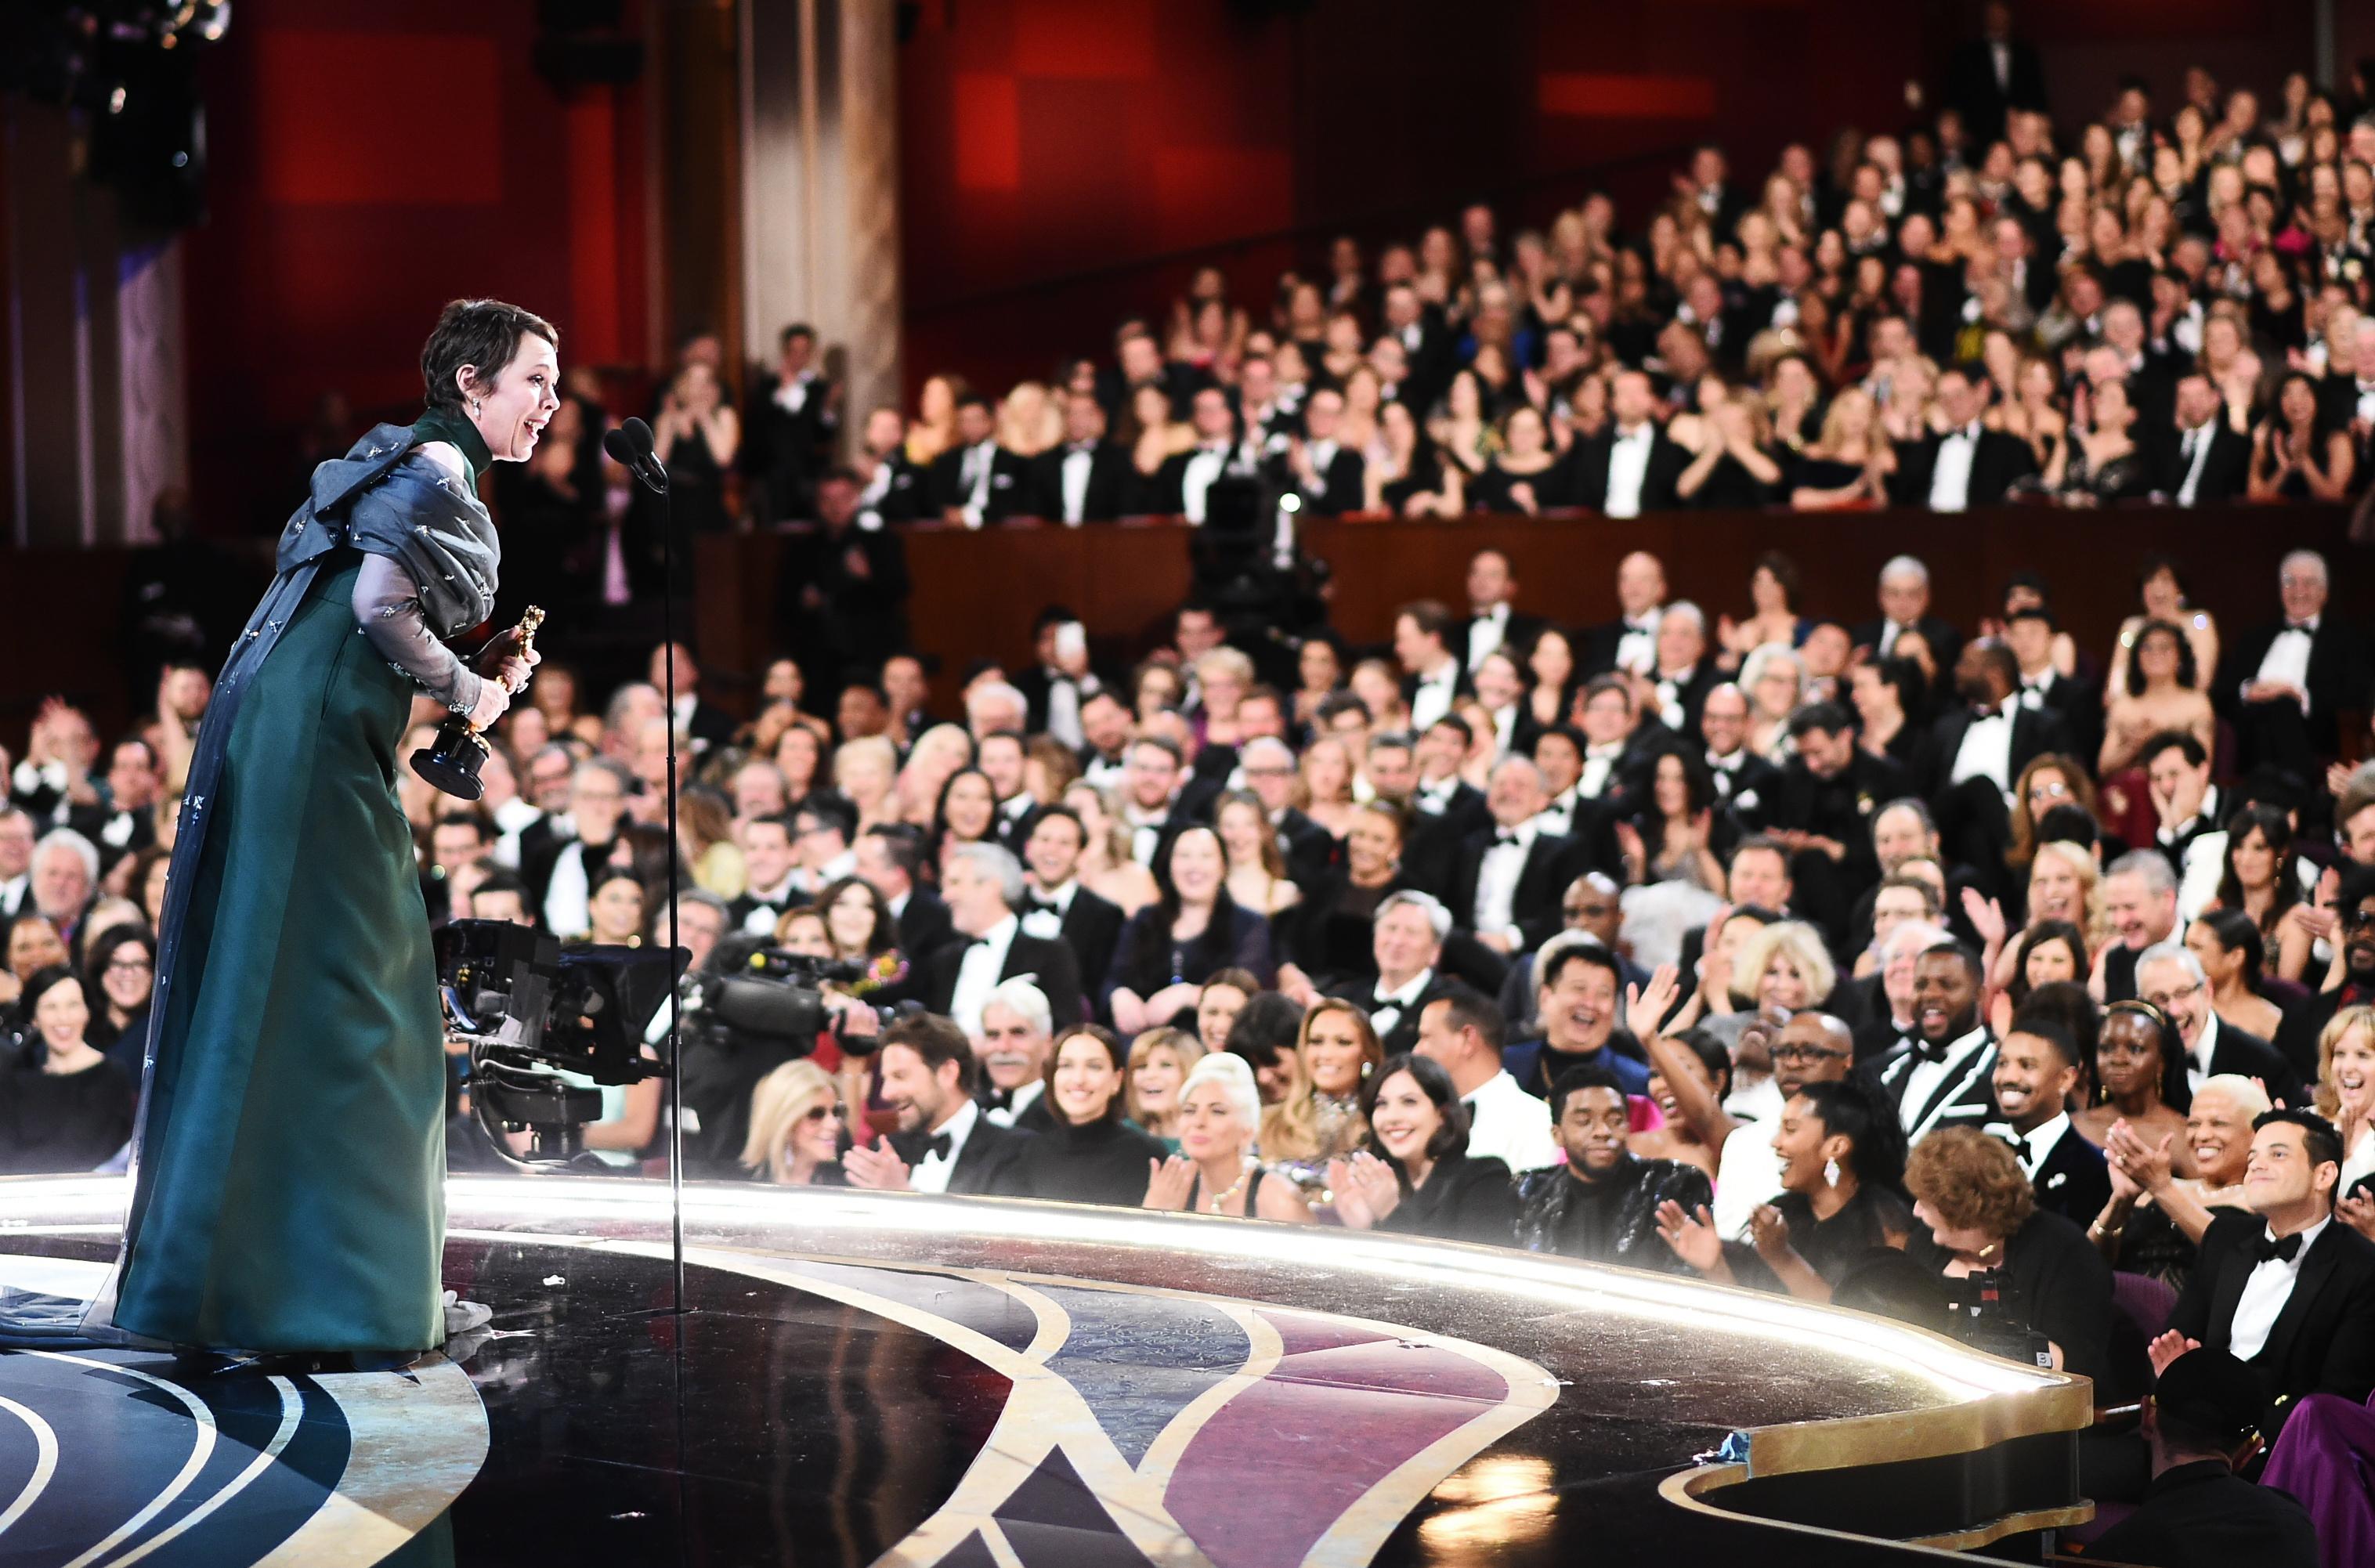 أوليفيا كولمان تستلم جائزة الأوسكار